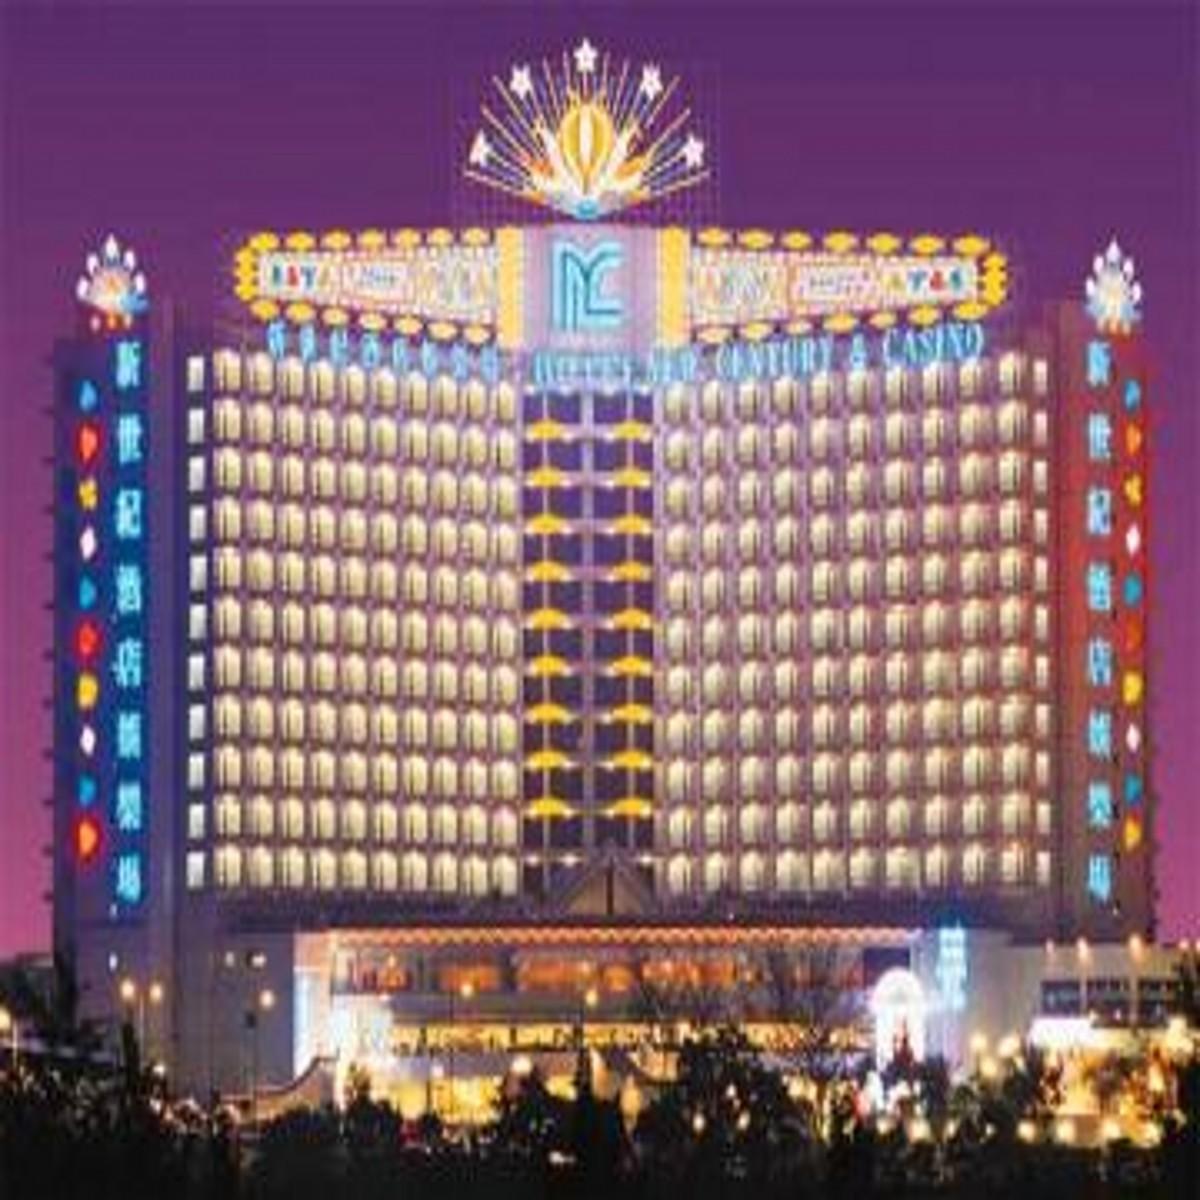 澳门酒店 新世纪酒店 澳门酒店预定 澳门酒店预订 澳门酒店住宿